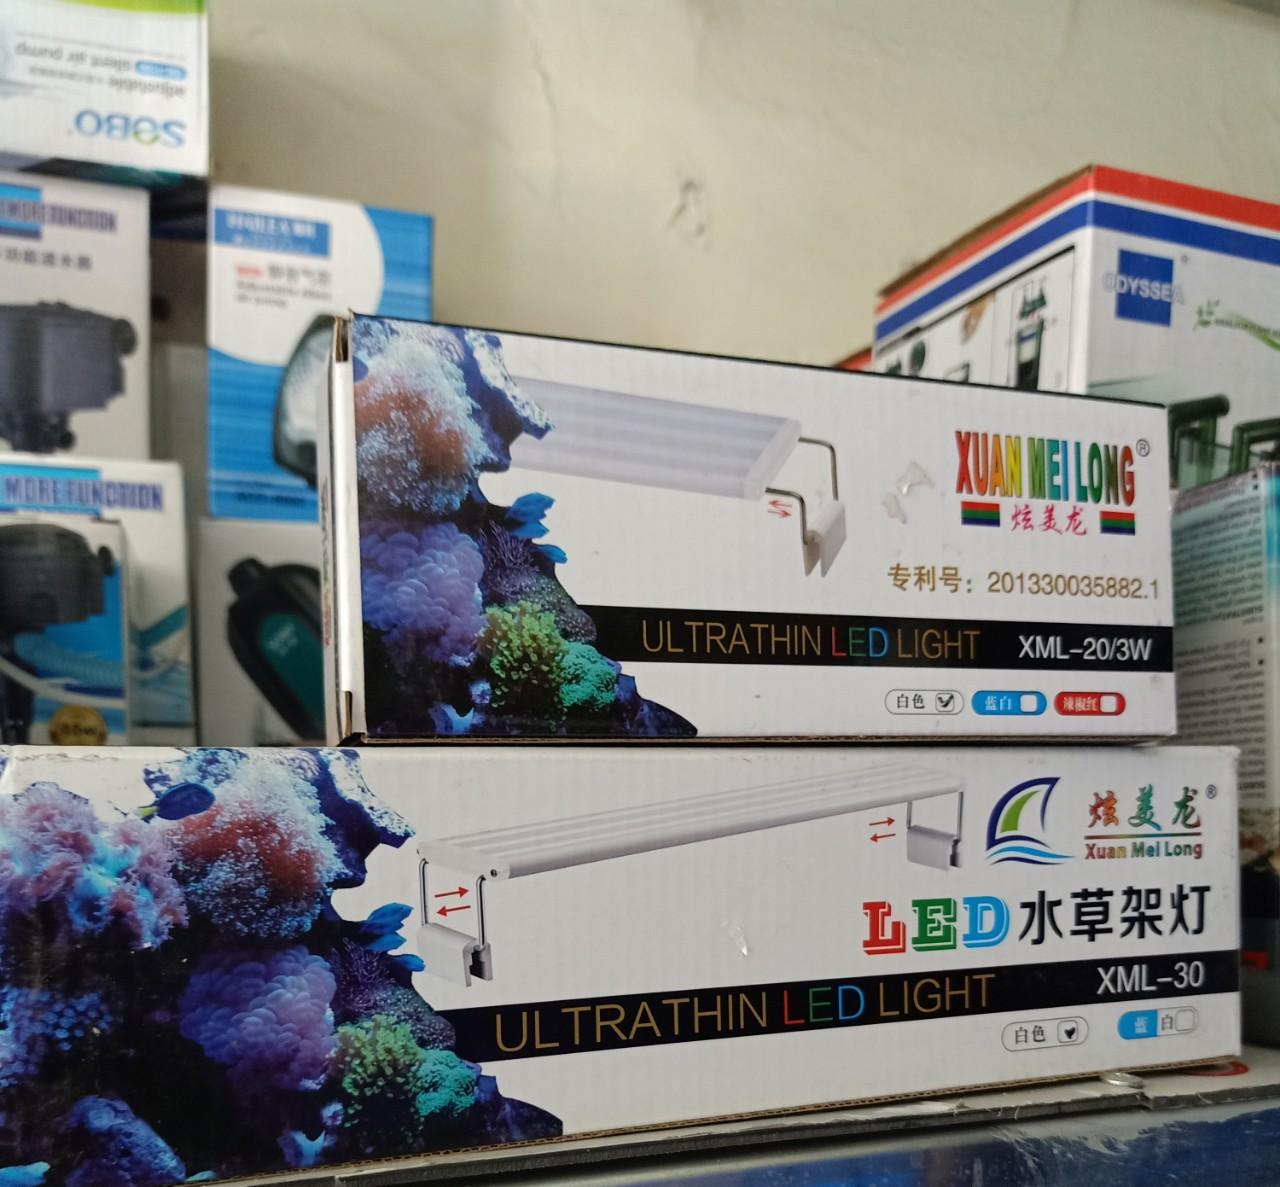 den-led-mang-85-chan-keo-20-30-40-50-60-80cm